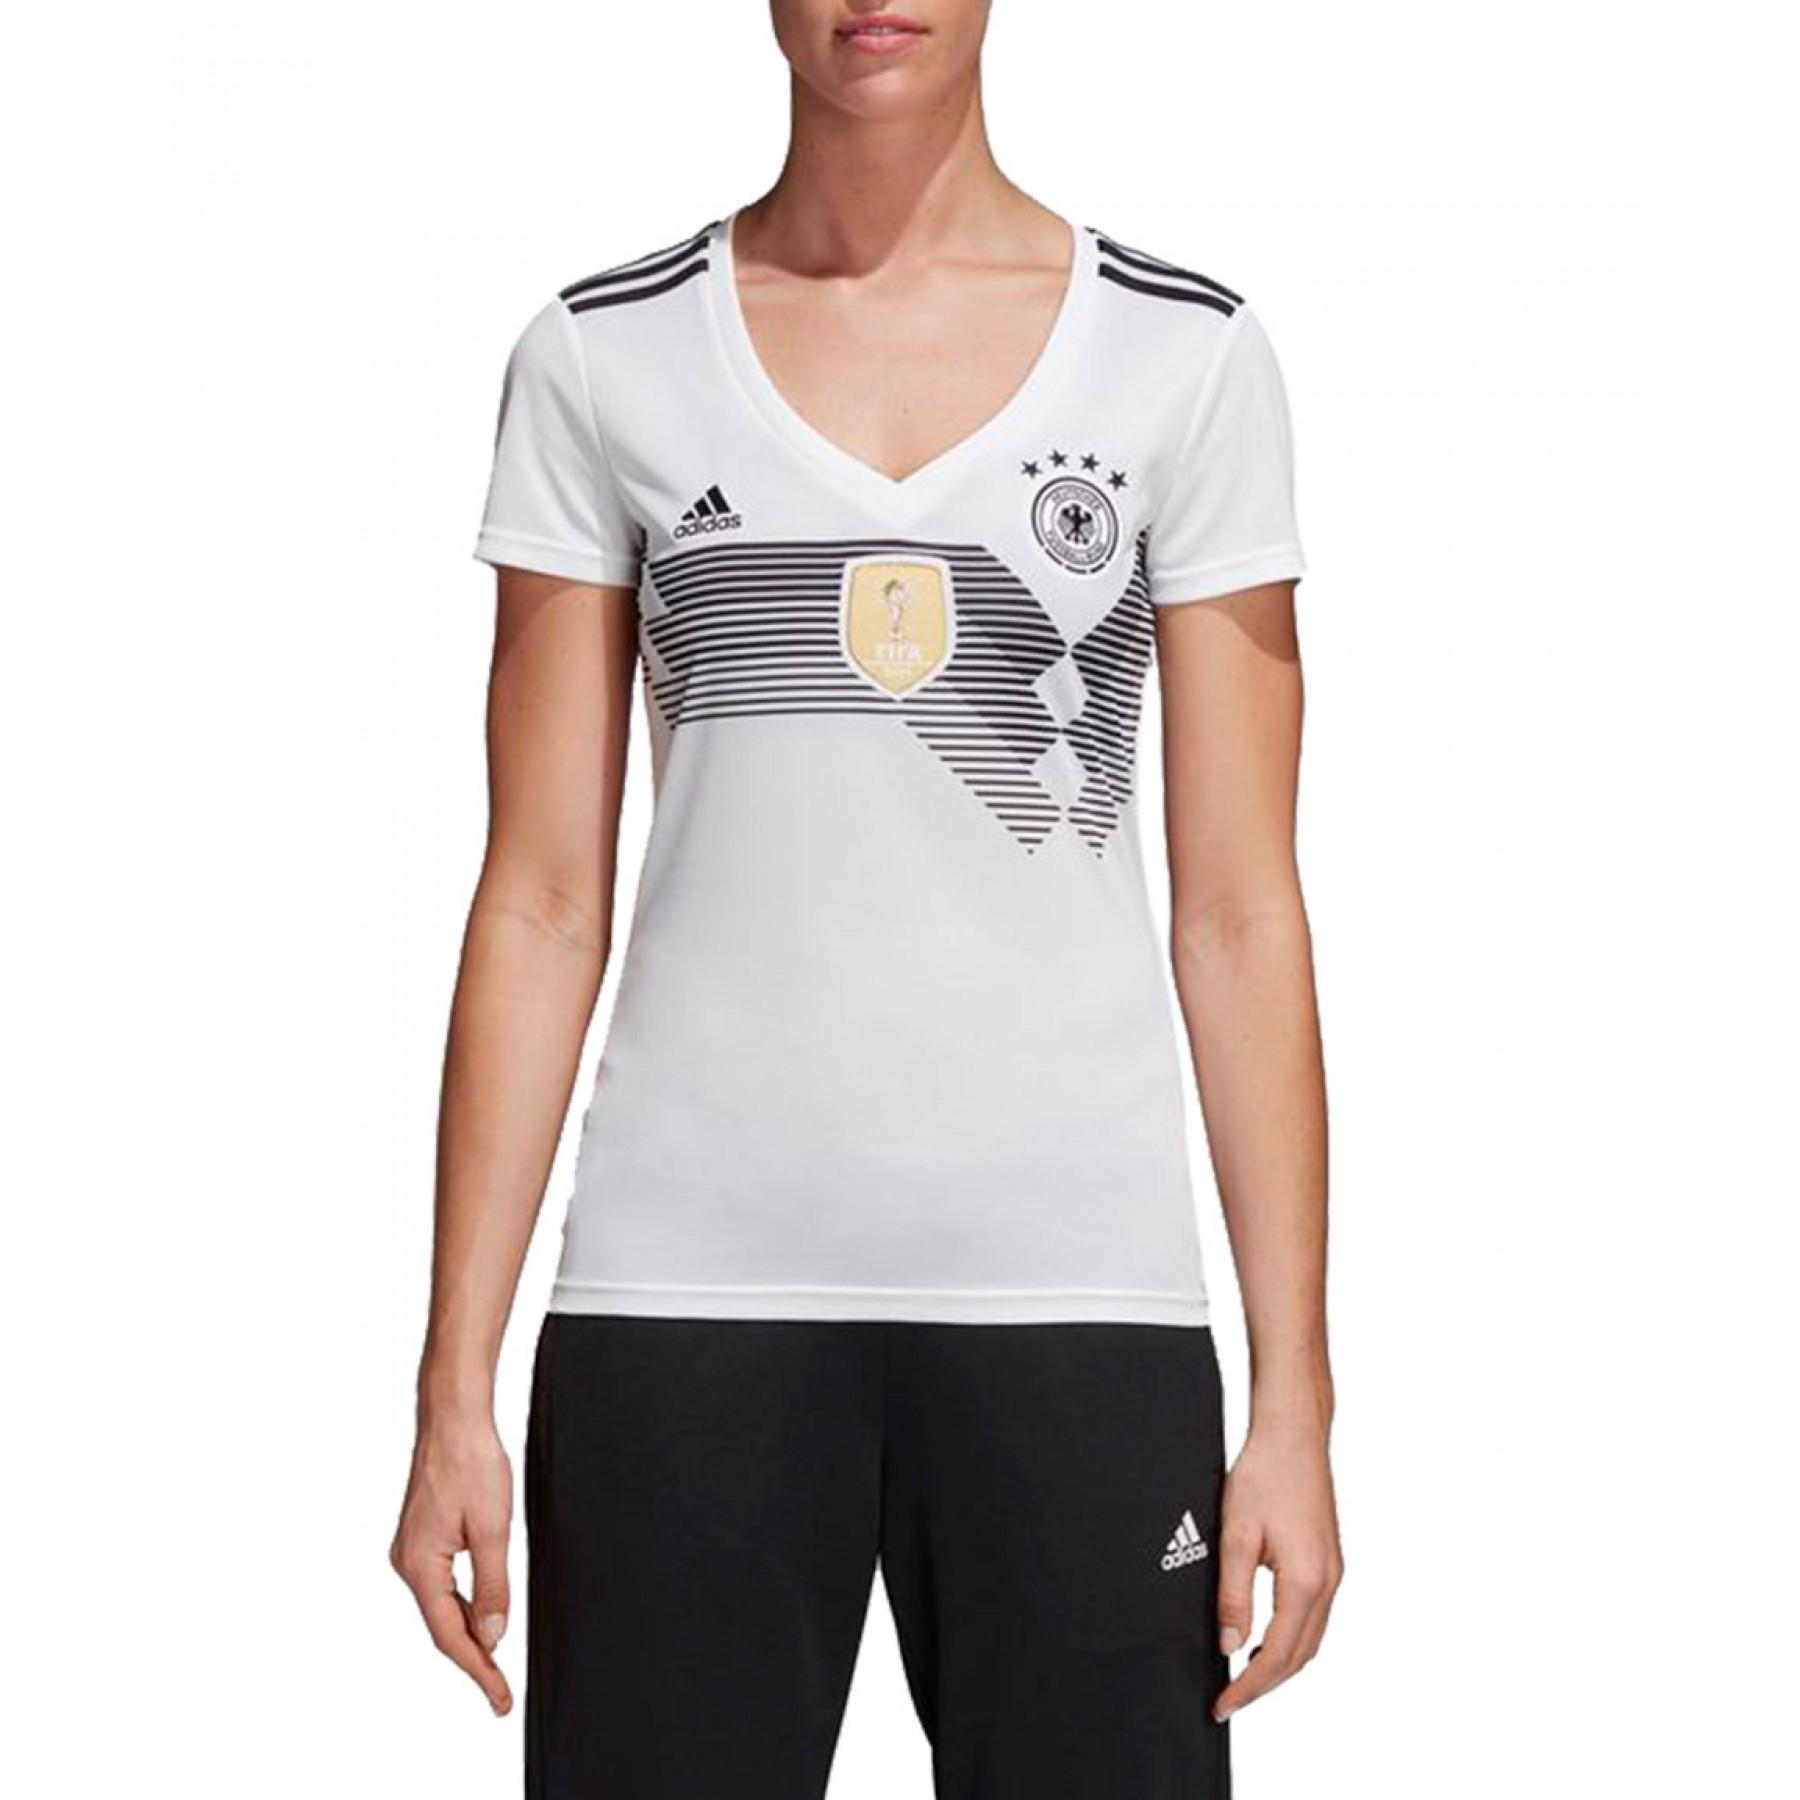 Palacio de Hierro: Jersey Adidas de $745 a $149 + ENVIO GRATIS